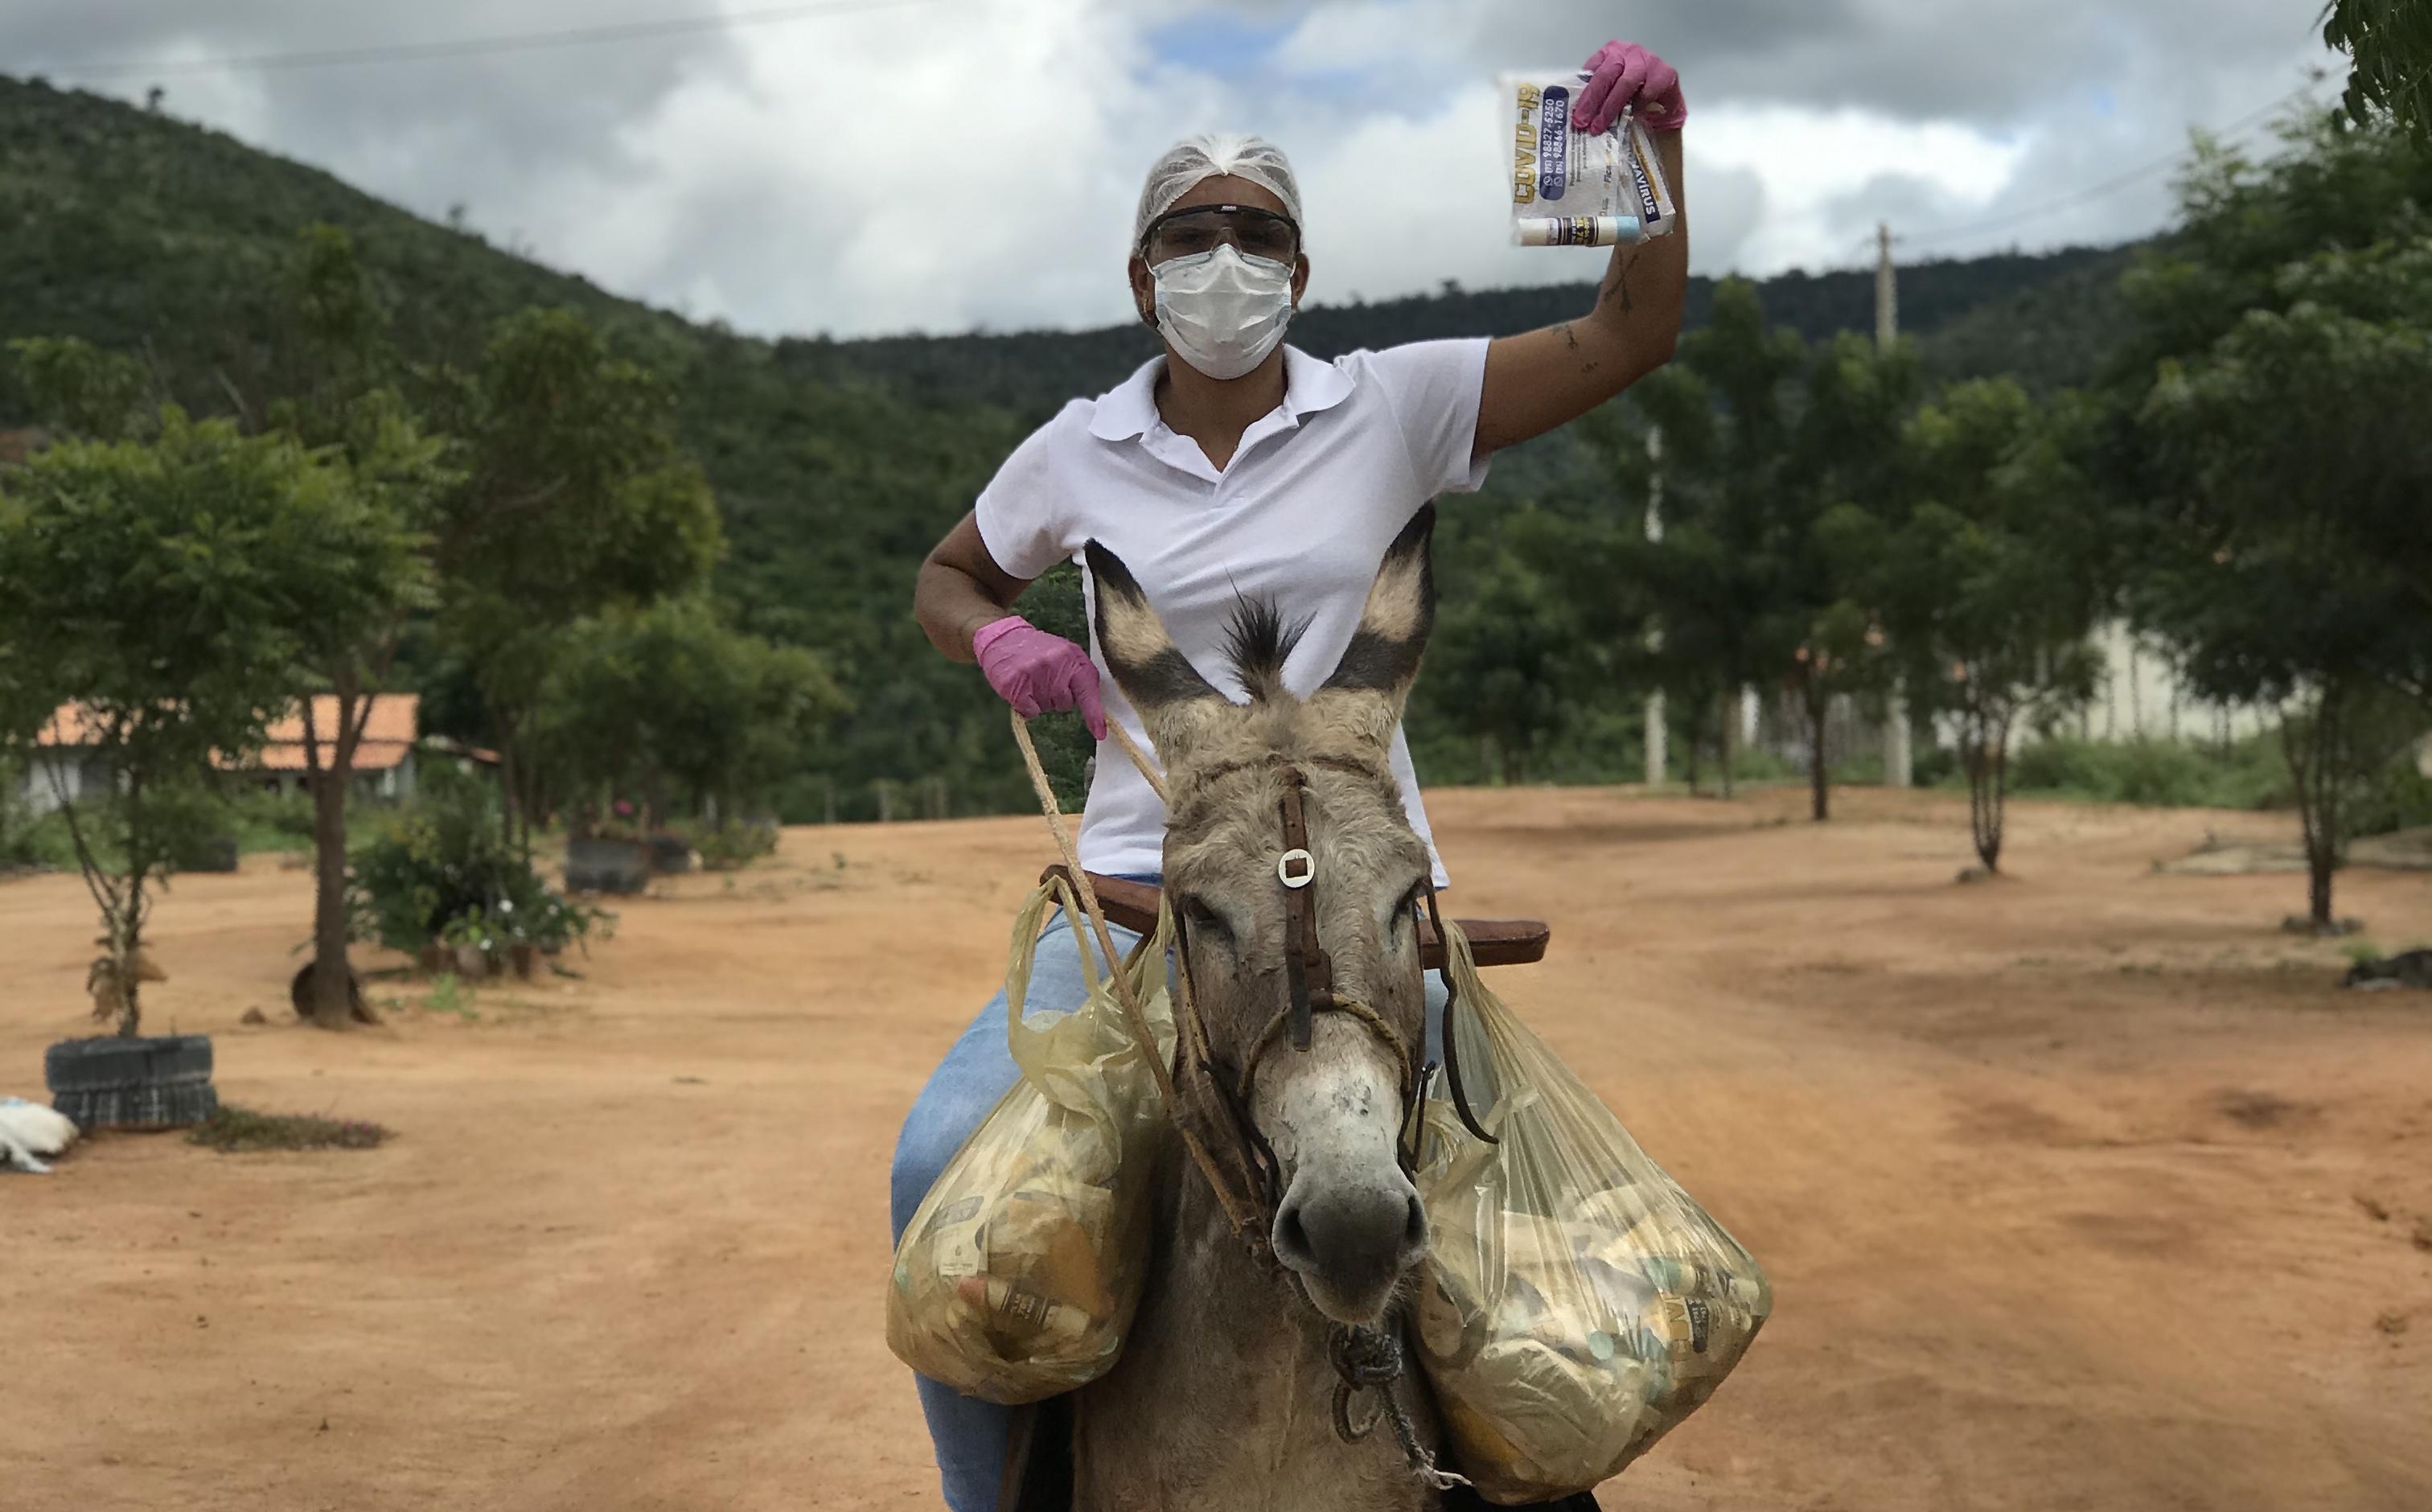 Monaliza Sena diz que utiliza o jegue por achar mais prático